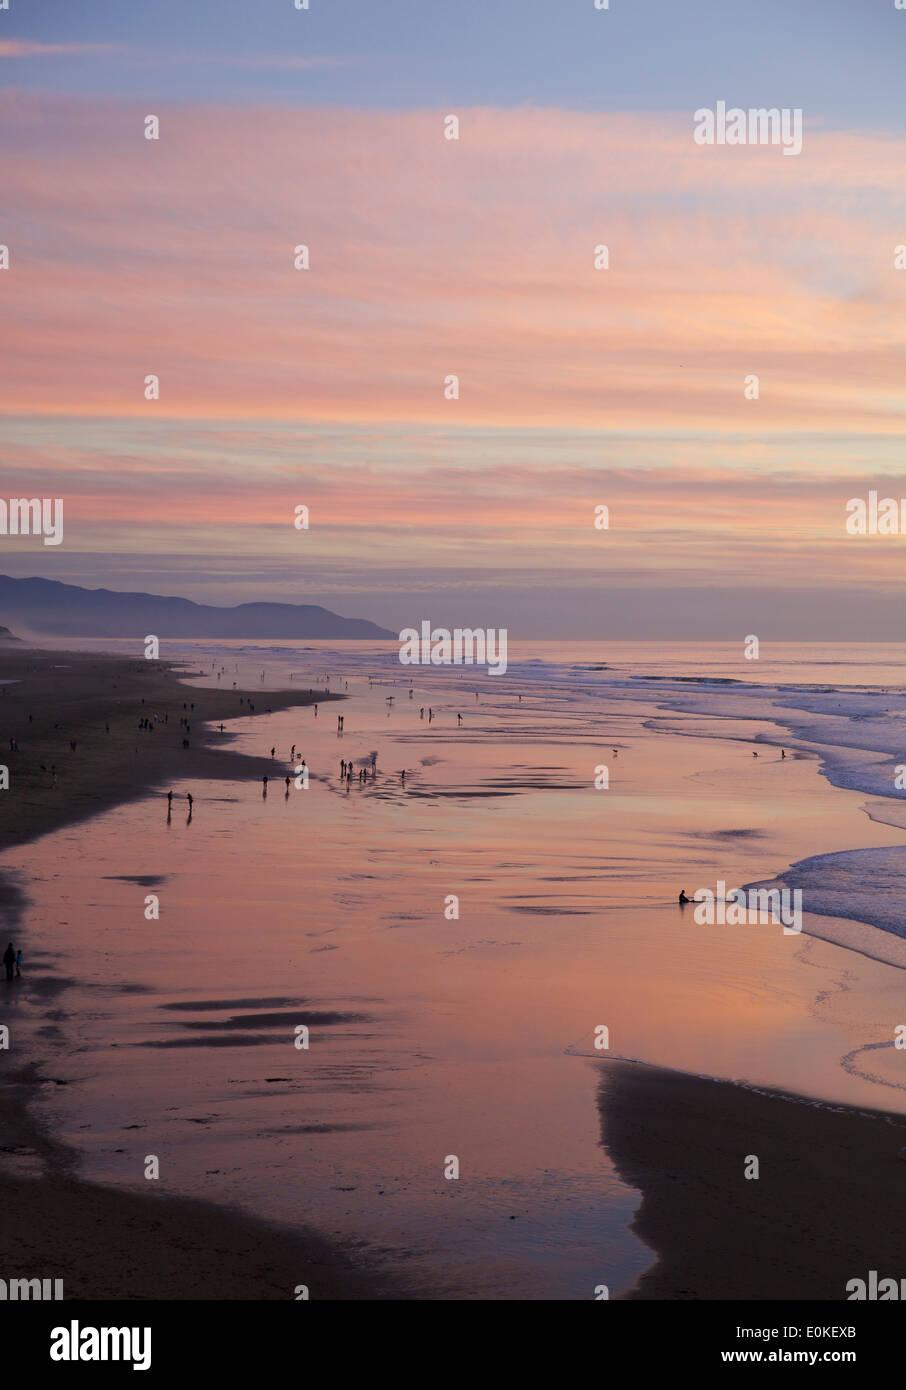 La gente caminando a lo largo de la costa son siluetas contra un brillante atardecer con colores azul, rosa y púrpura y naranja. Imagen De Stock